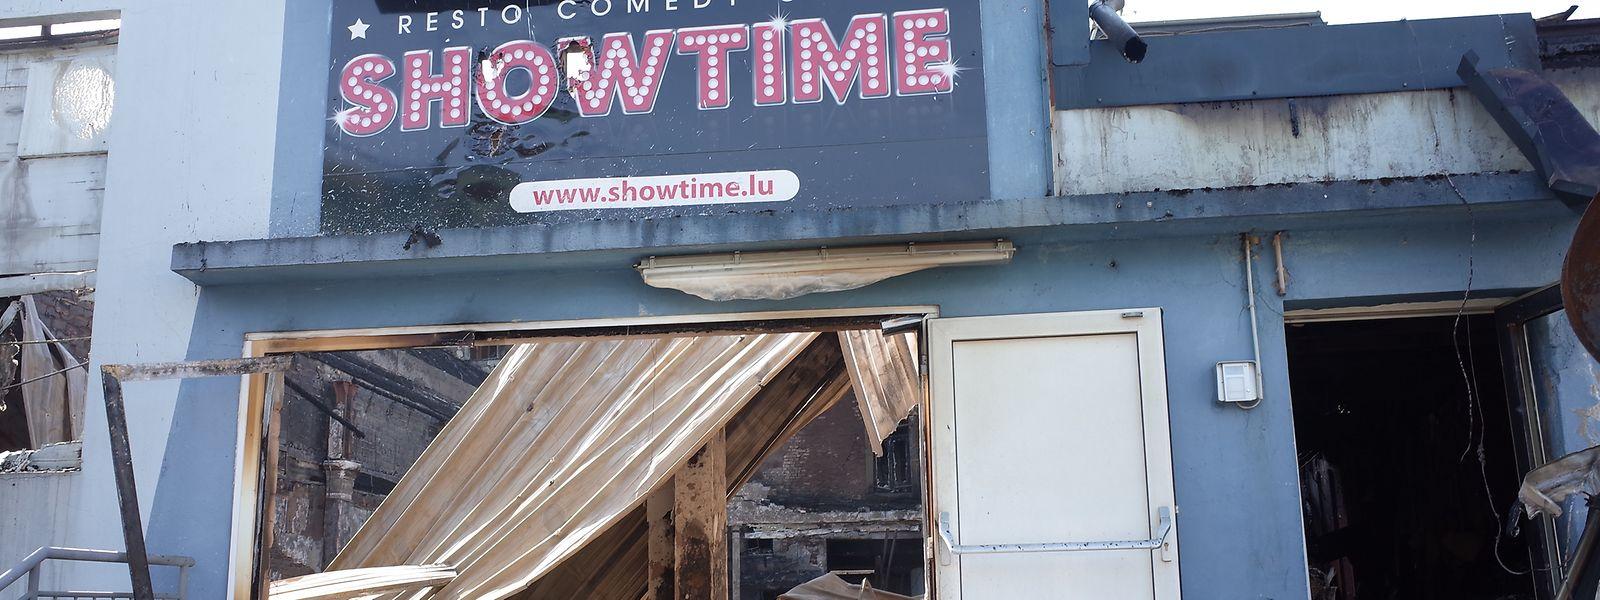 Die Halle des Showtime ist eingefallen.